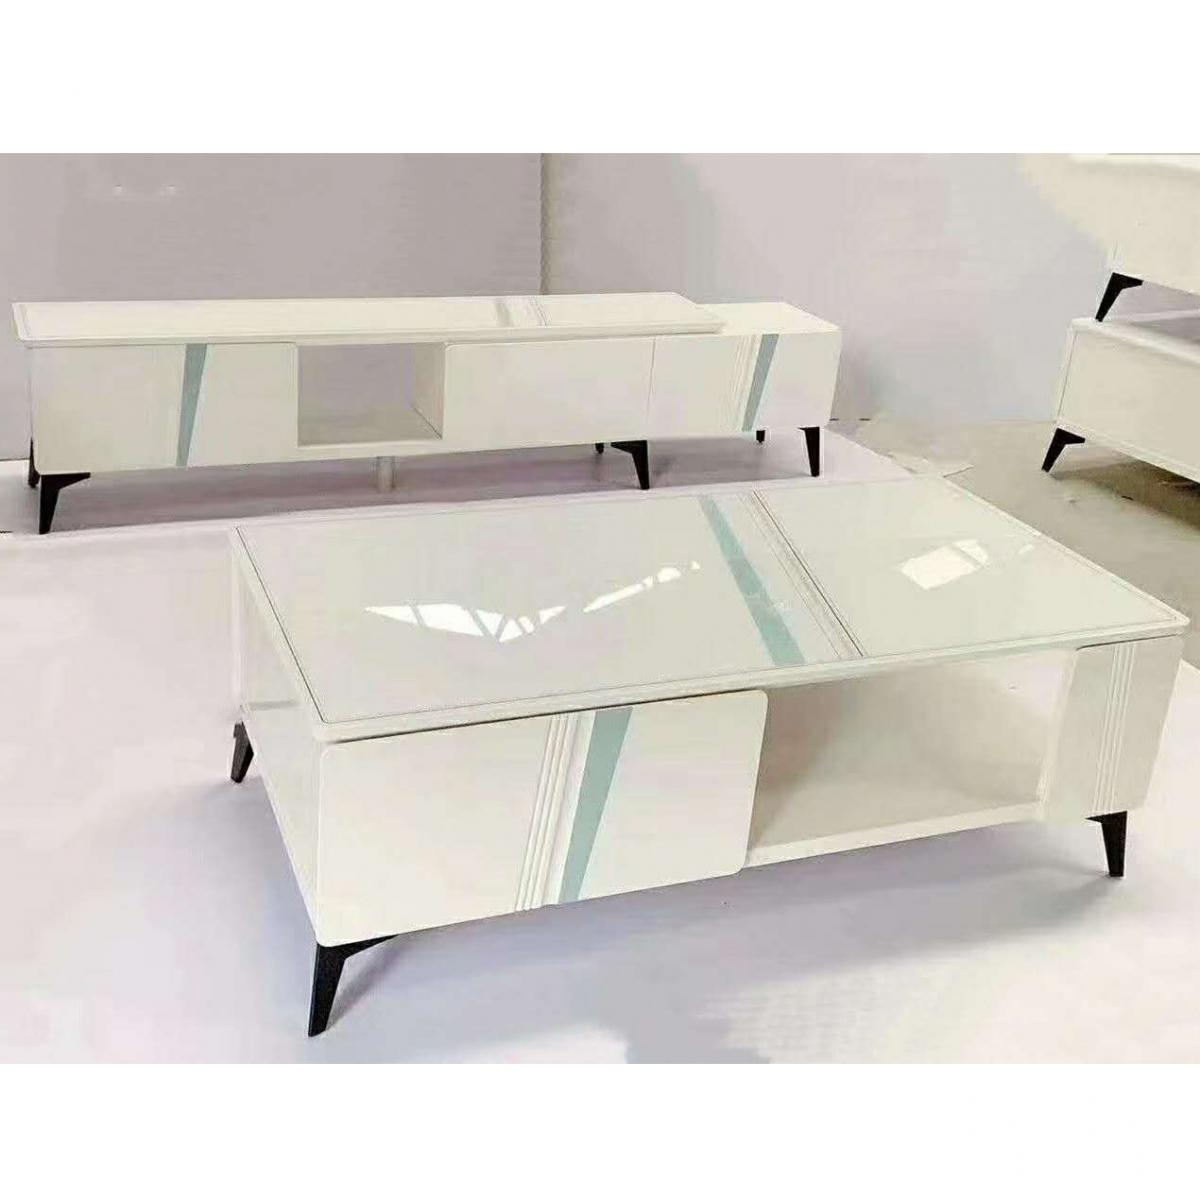 客厅家具茶几 电视柜 组合小户型 现代简约伸缩电视柜 储物柜